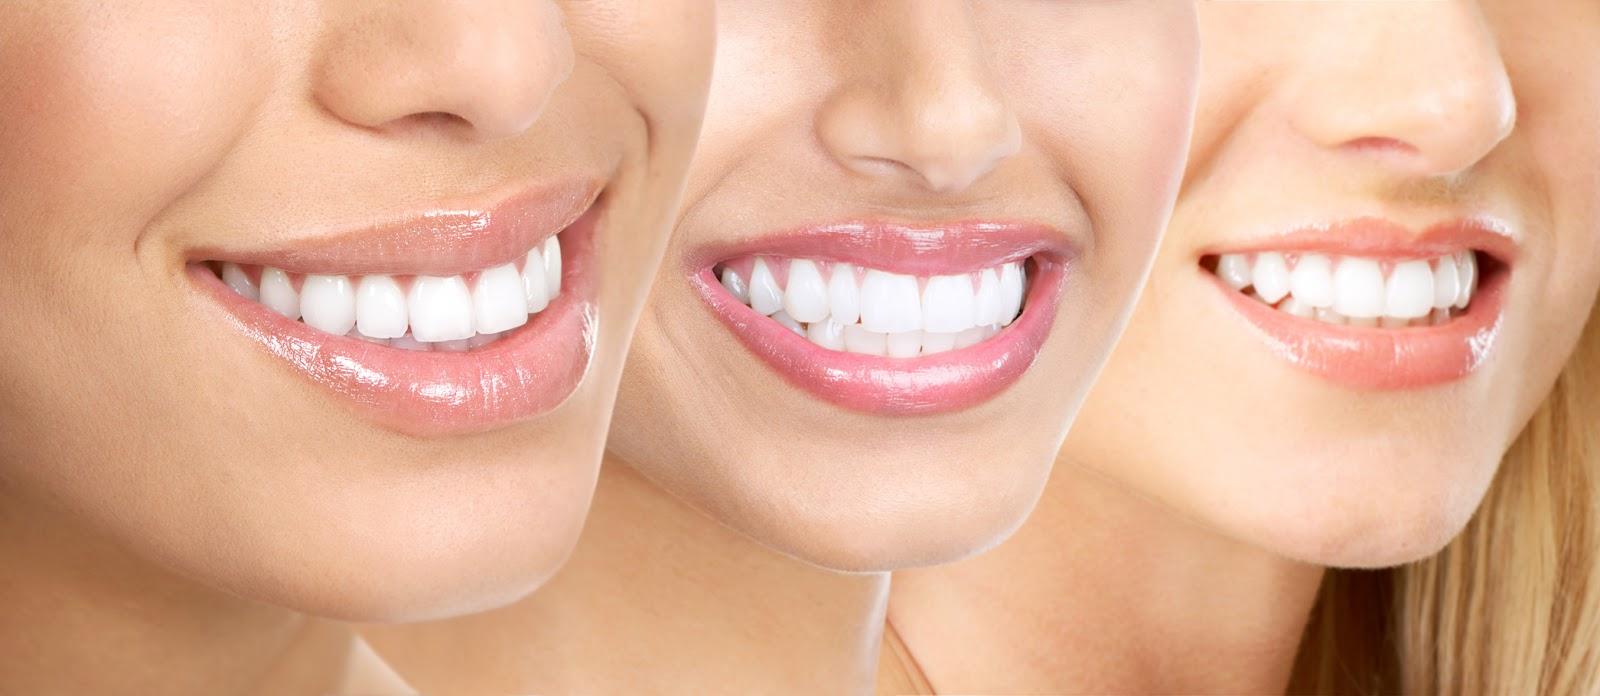 Cara Tepat Merawat Gigi   Gusi Agar Tetap Sehat Dan Putih Mengkilap ... 8a67166223